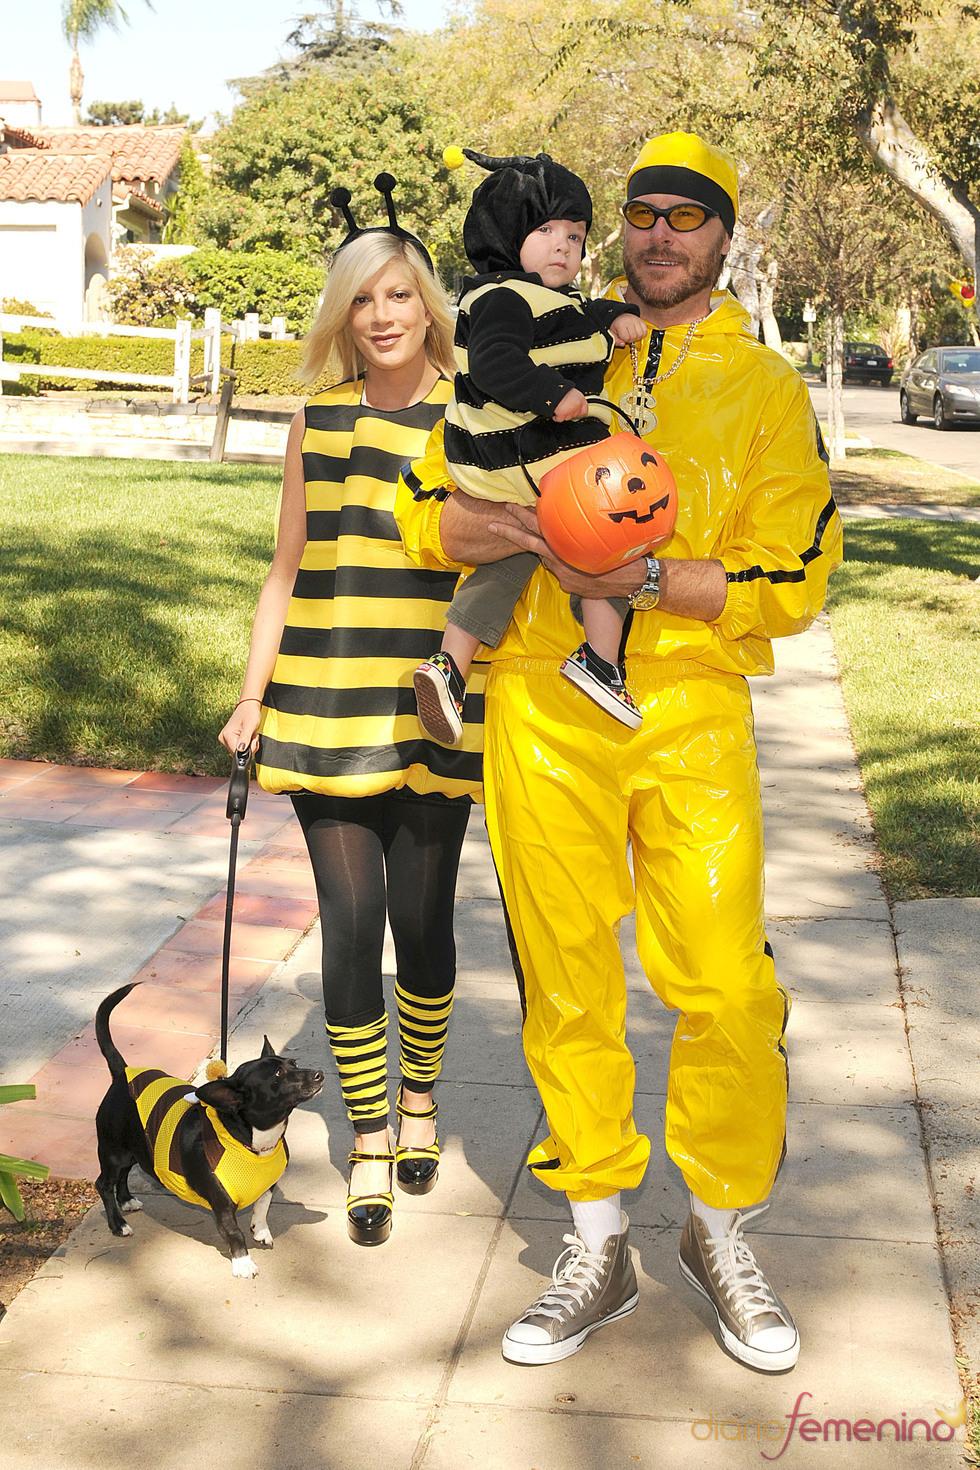 La familia de Tory Spelling disfrazados de avispas en Halloween